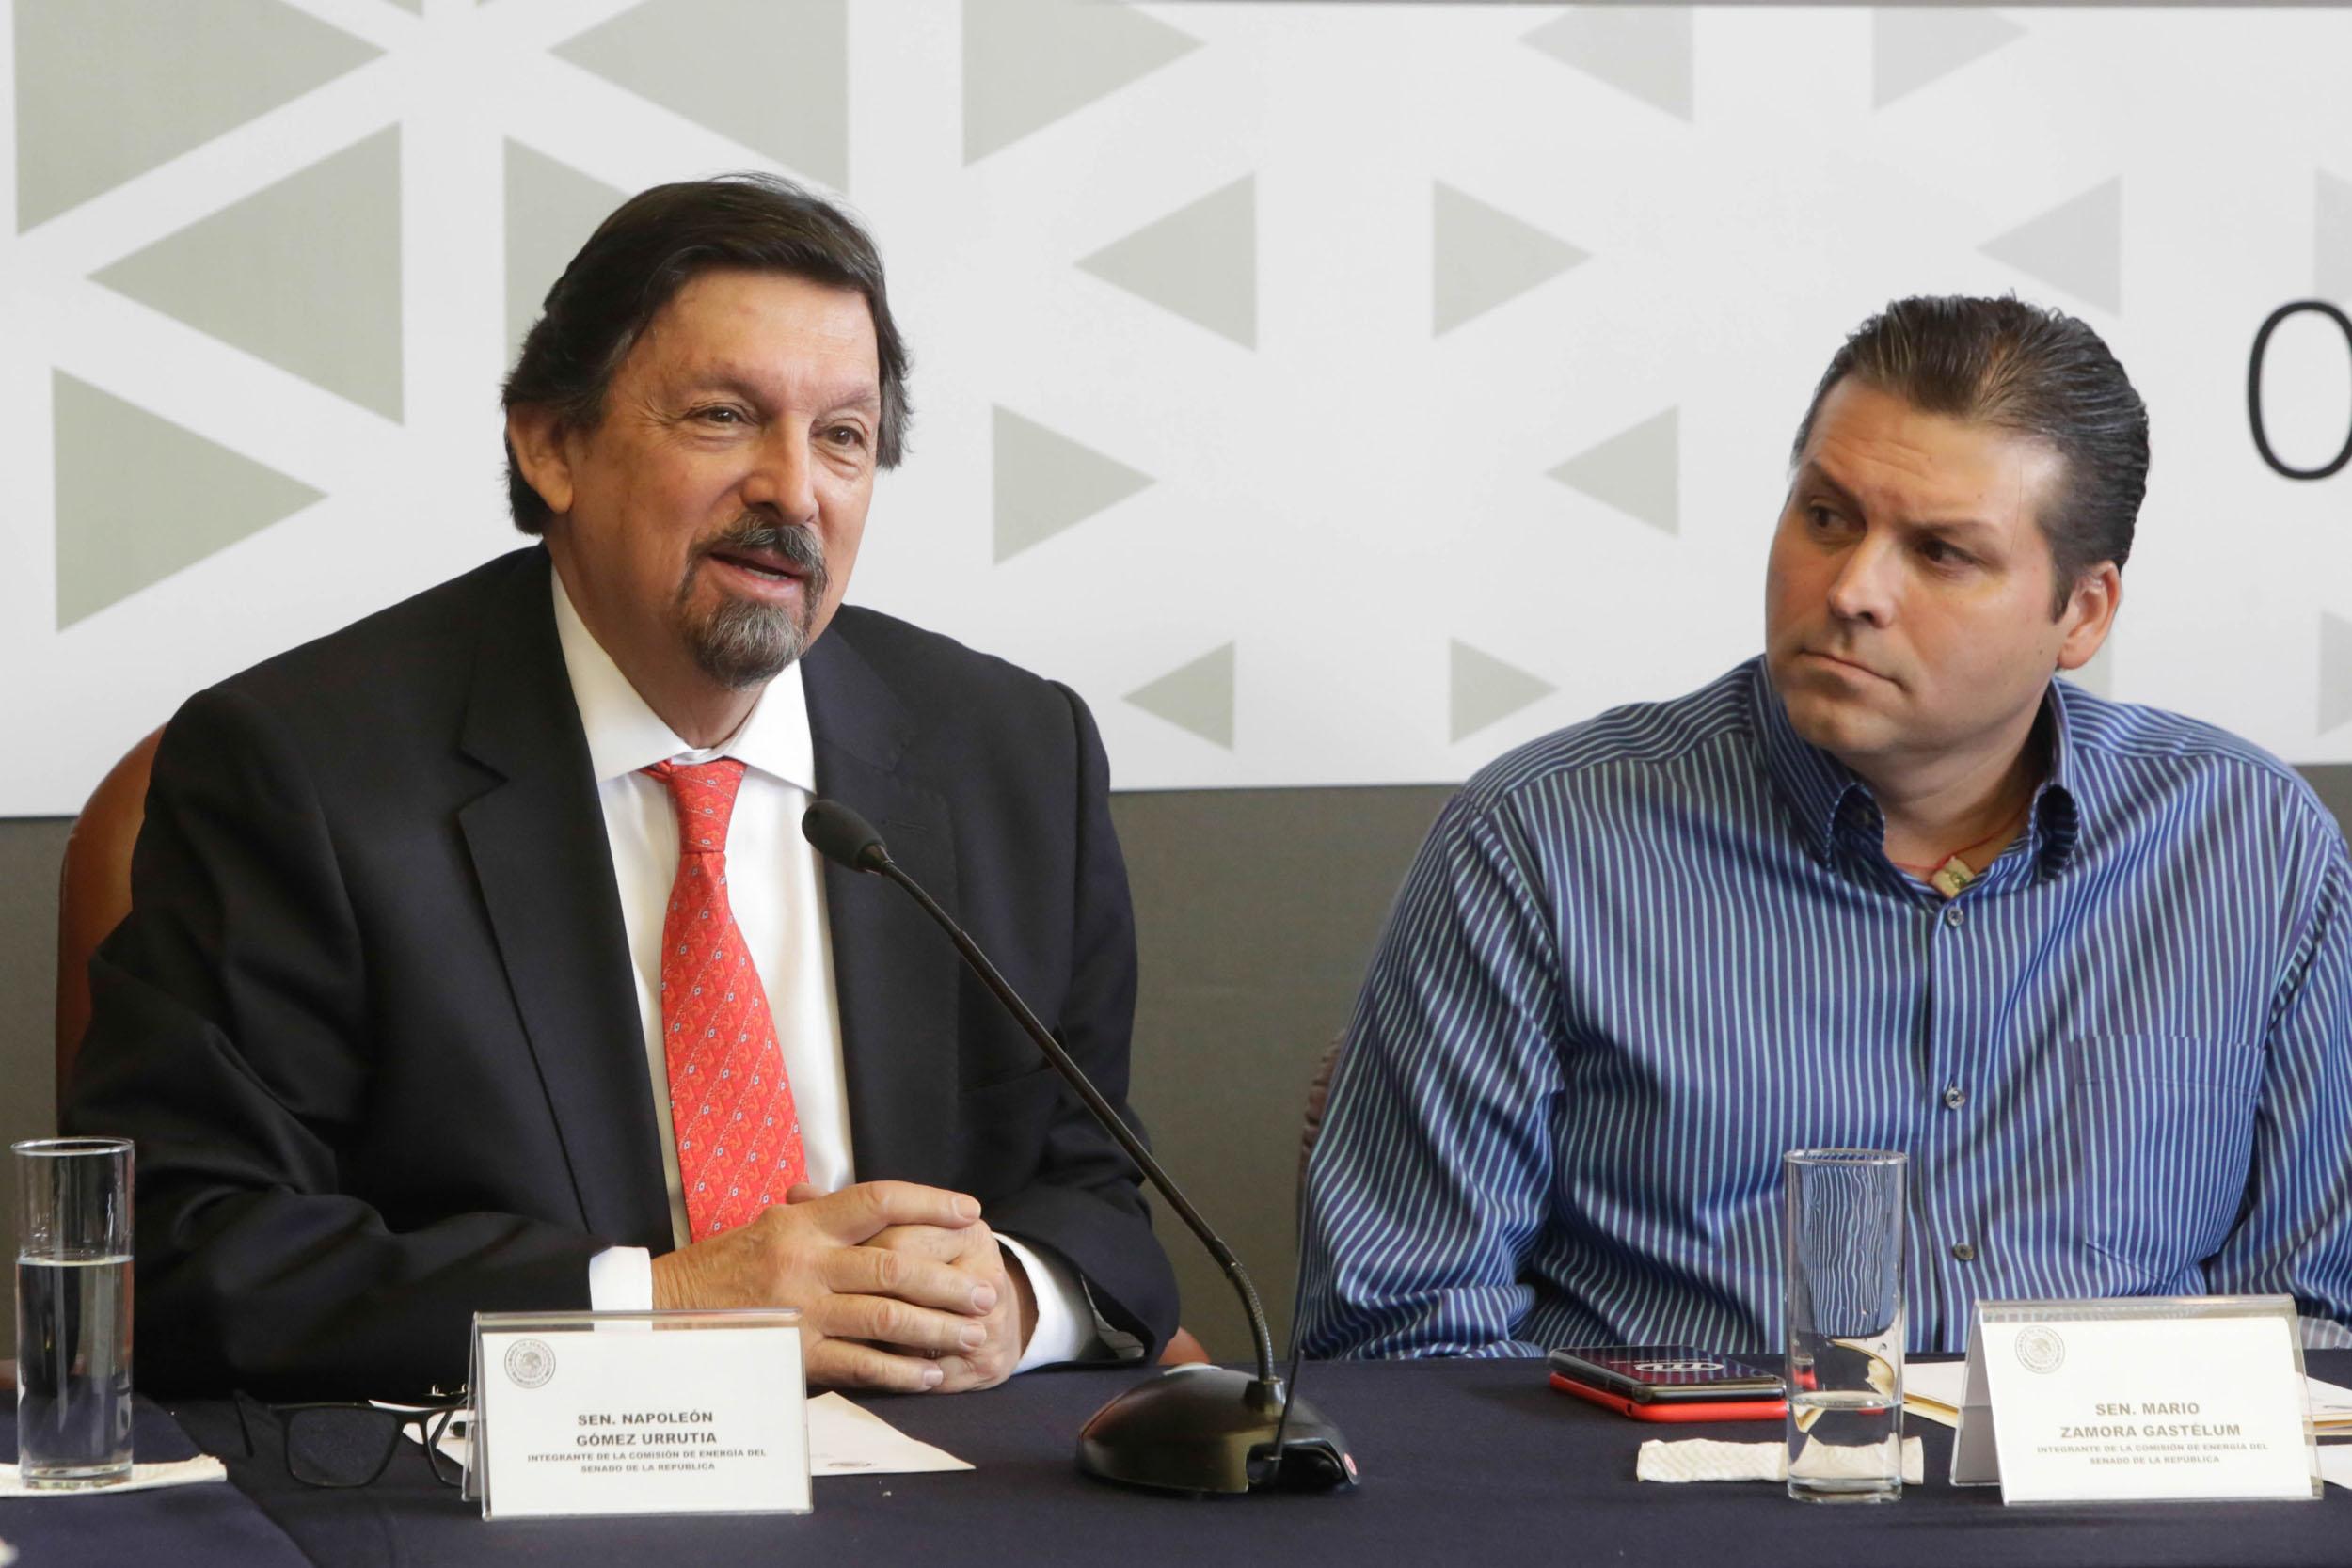 Napoleón Gómez Urrutia se integra a la Comisión de Energía del Senado